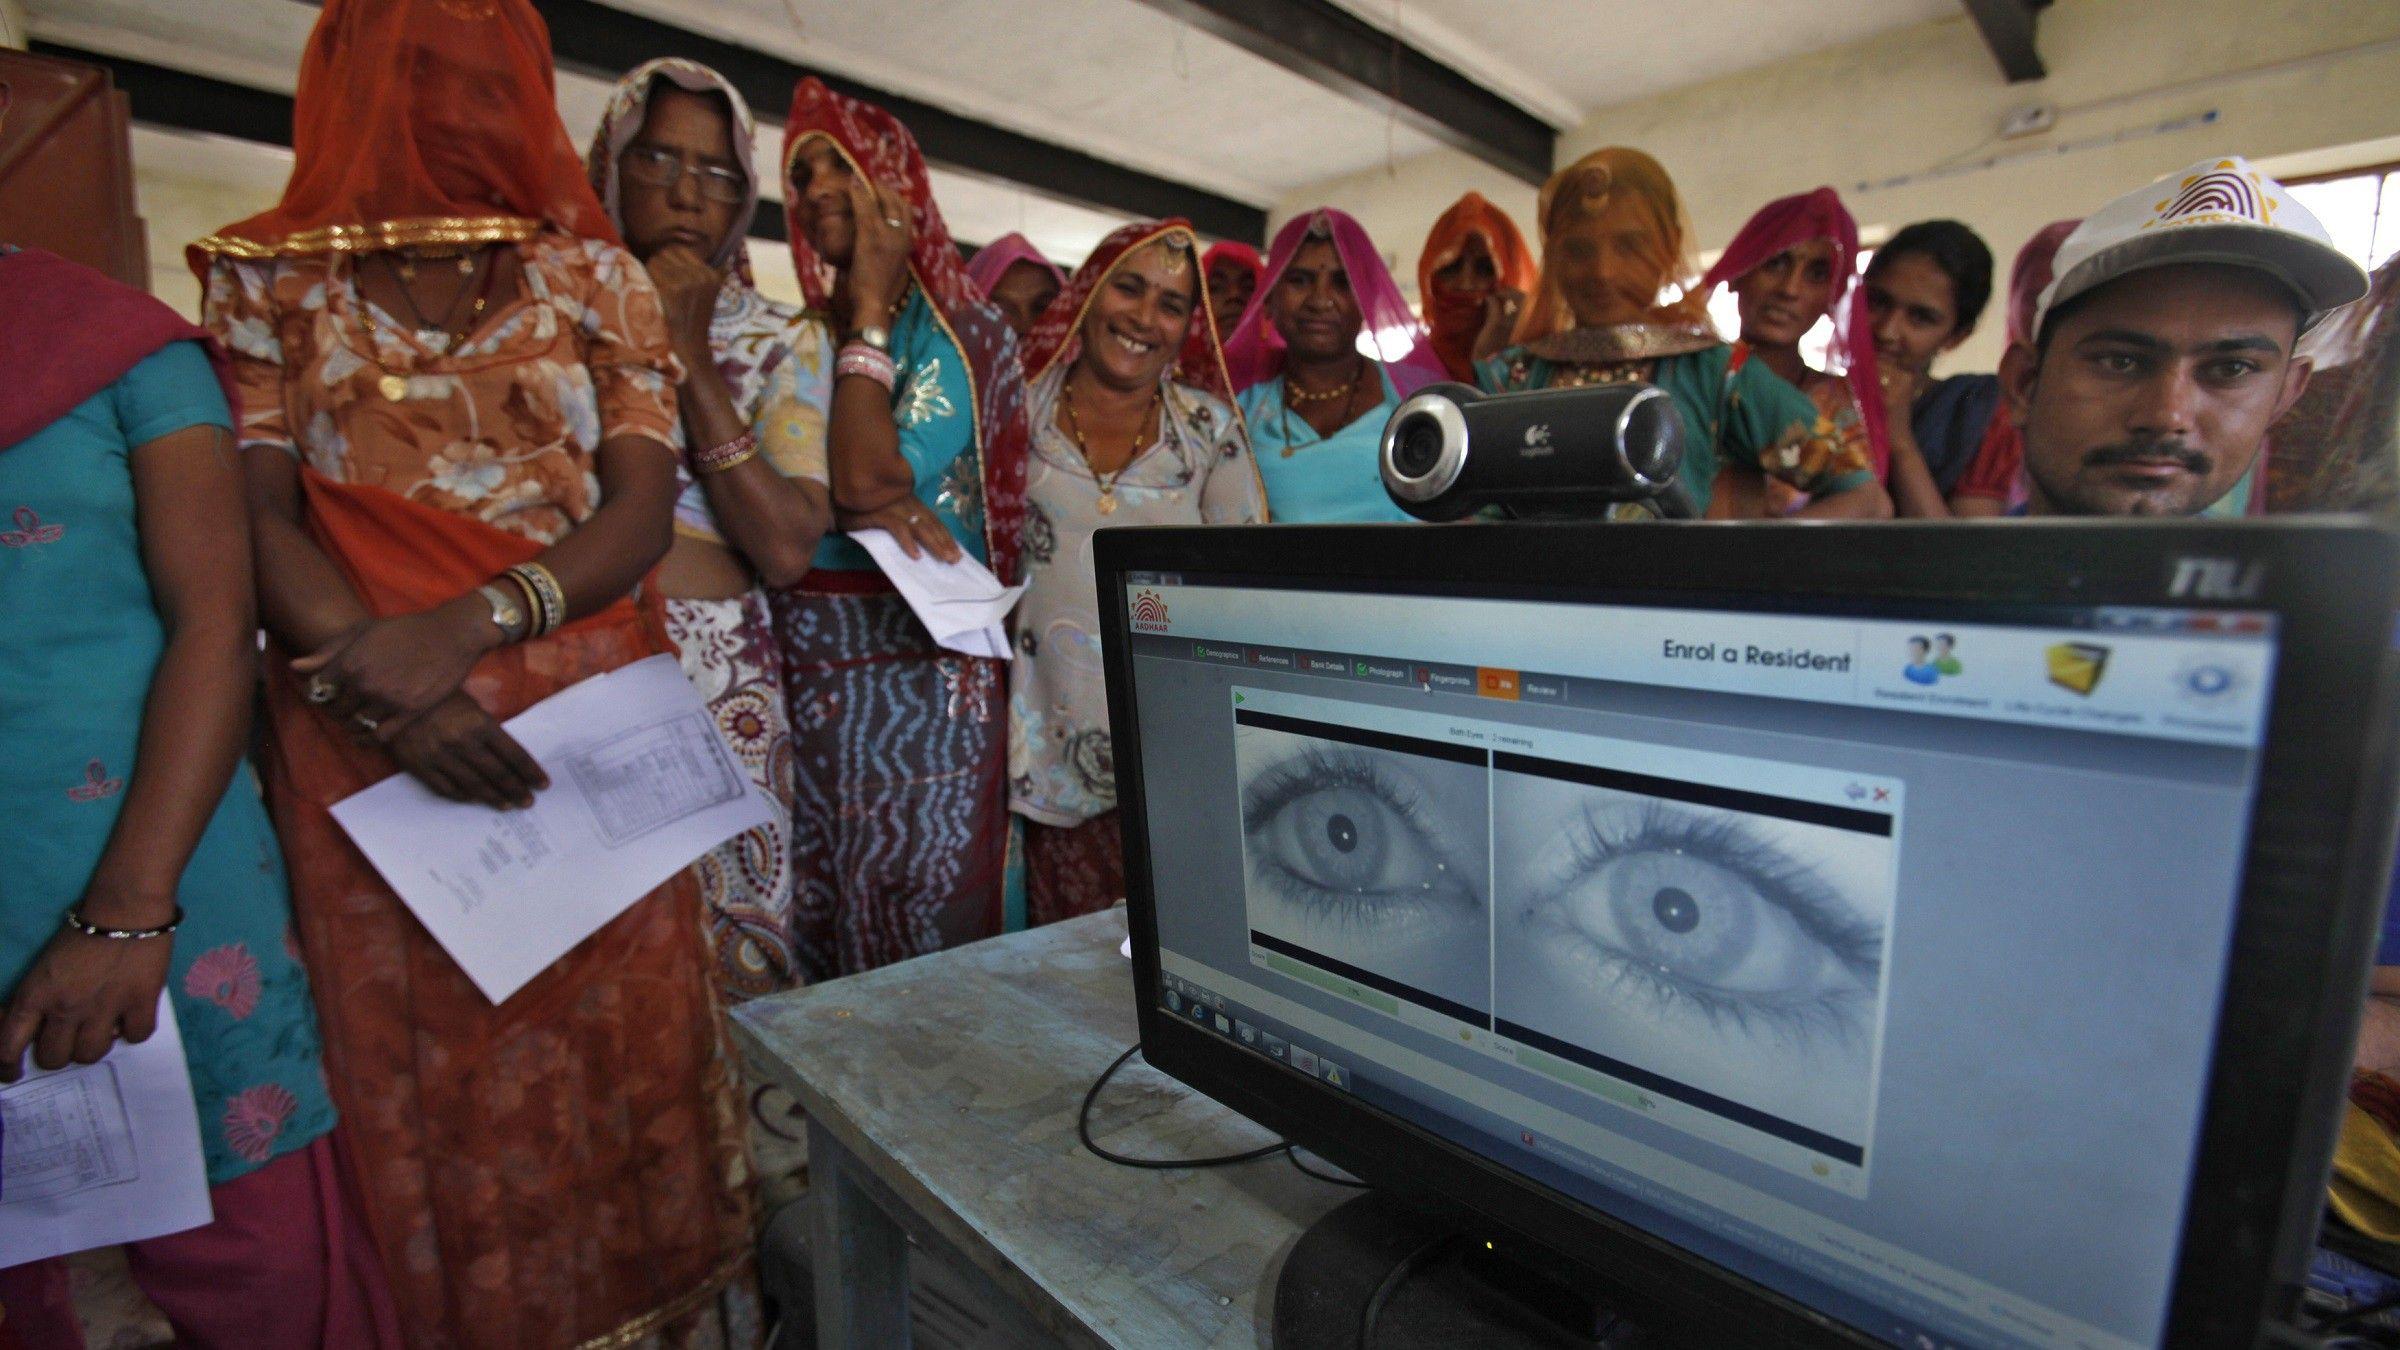 المغرب يشتري برنامج إلكتروني هندي لتحديد هوية المواطنين بدقة بـ100 مليون دولار و تخوفات من انتهاك خصوصية المغاربة